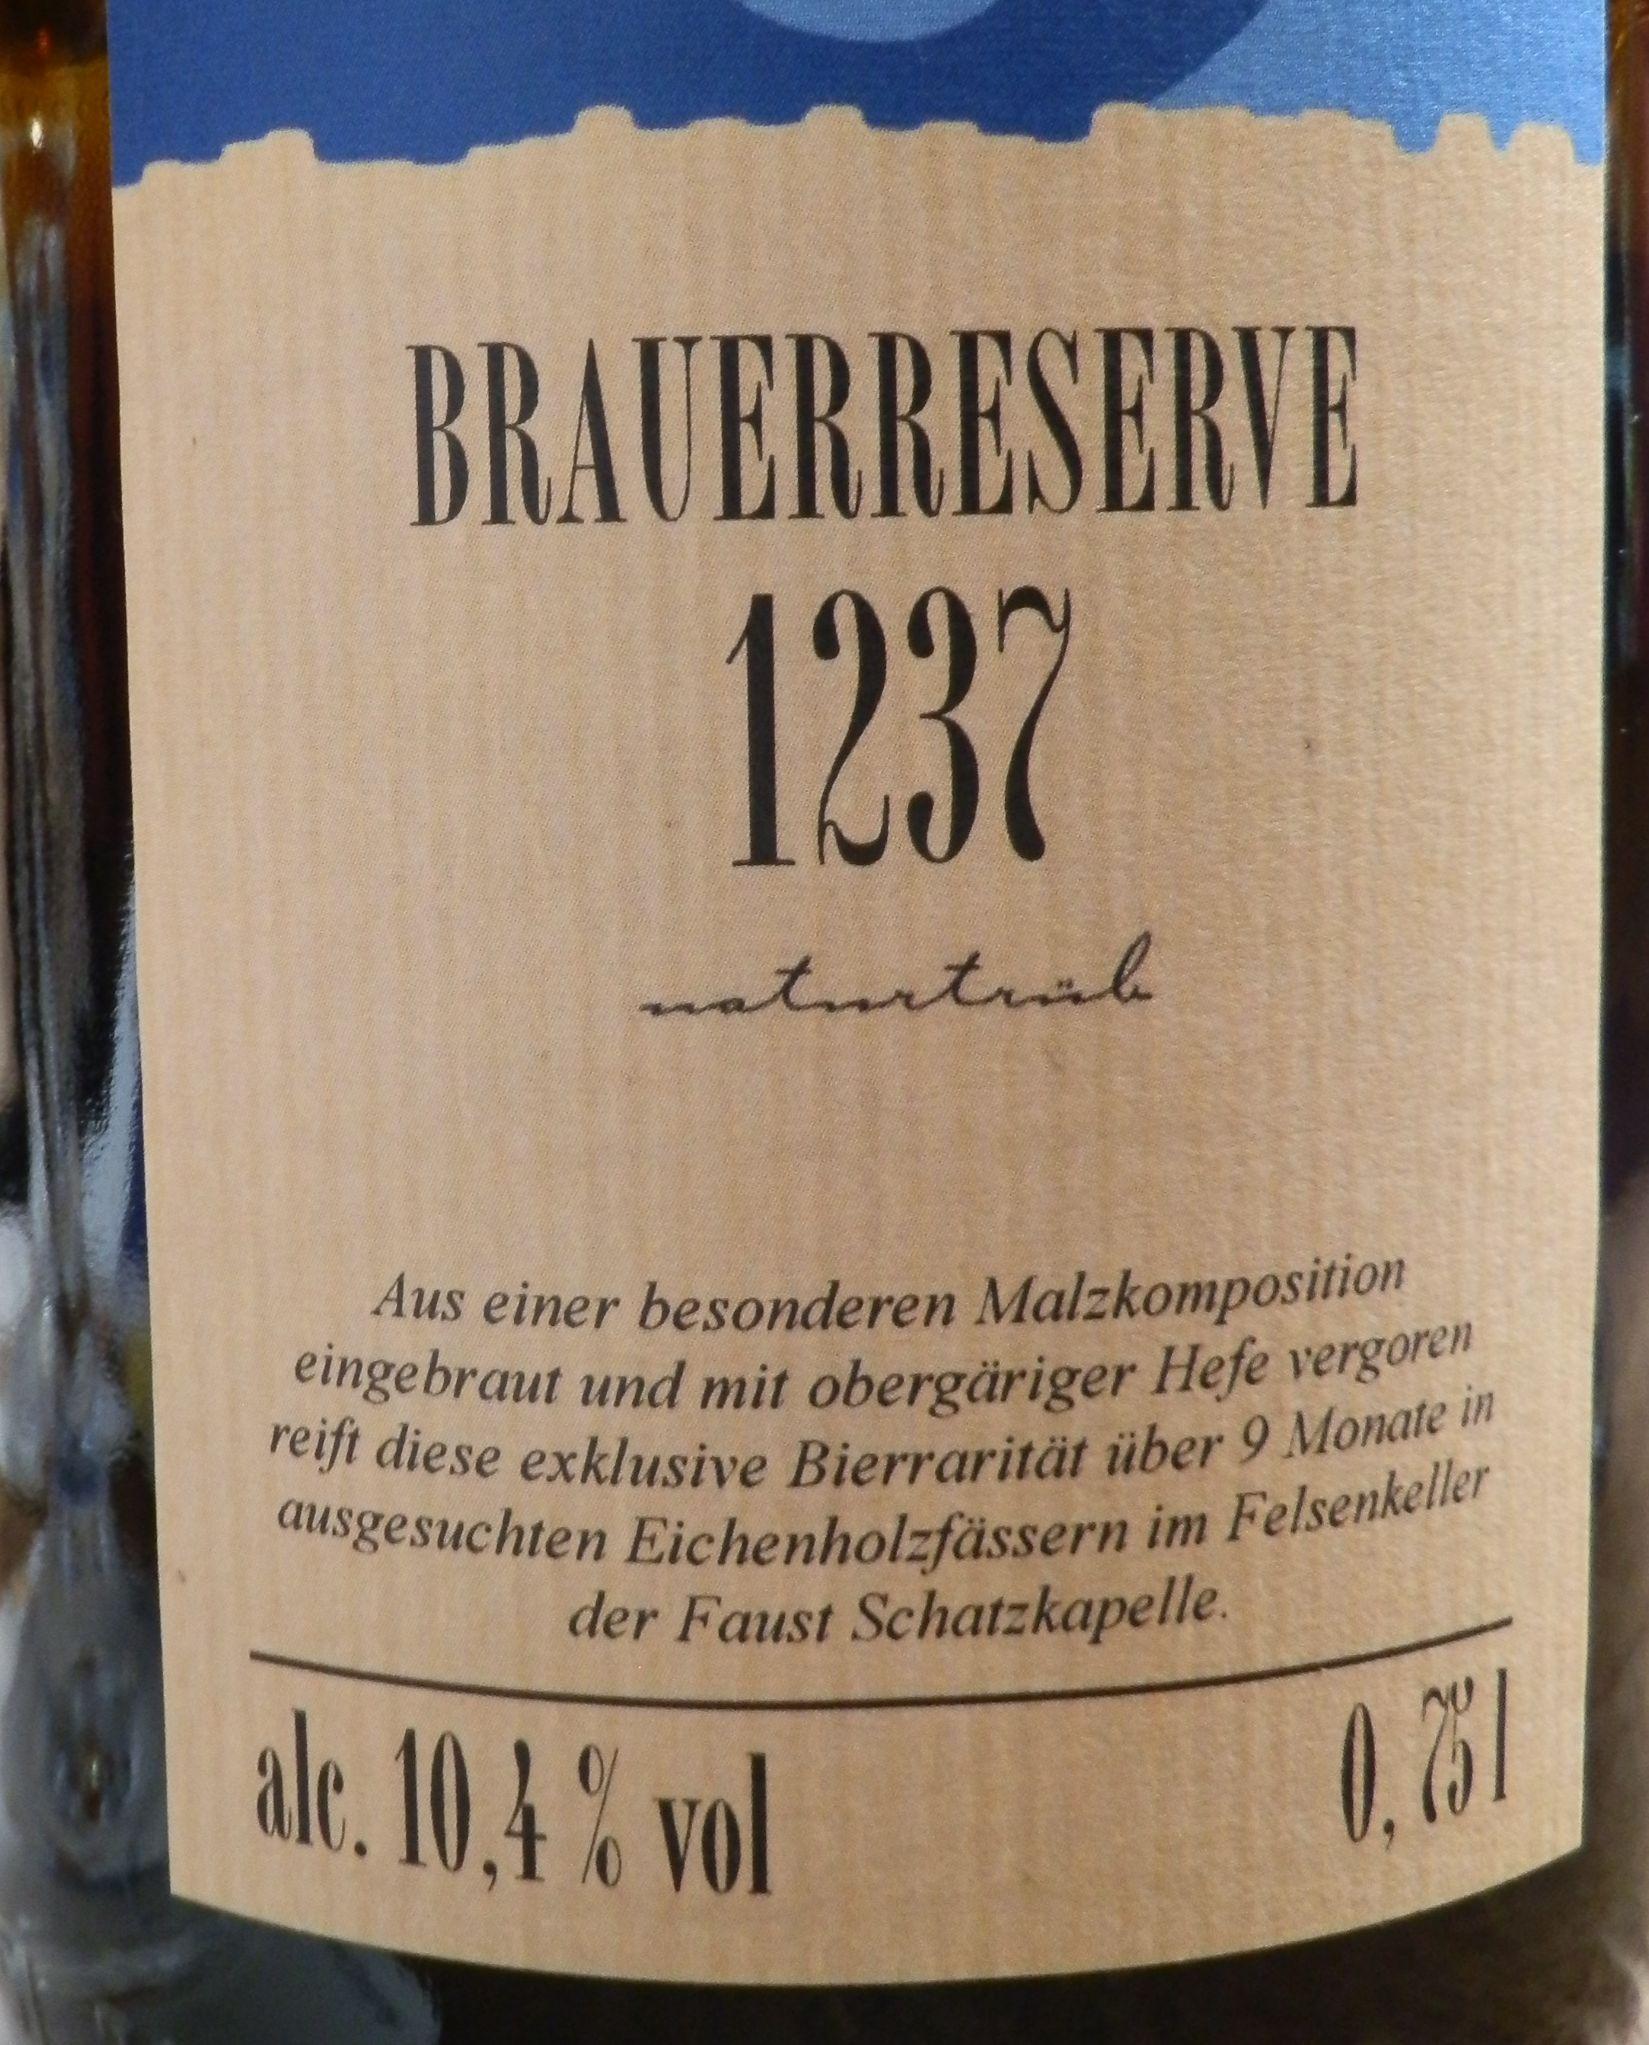 Faust Brauerreserve 1237 3